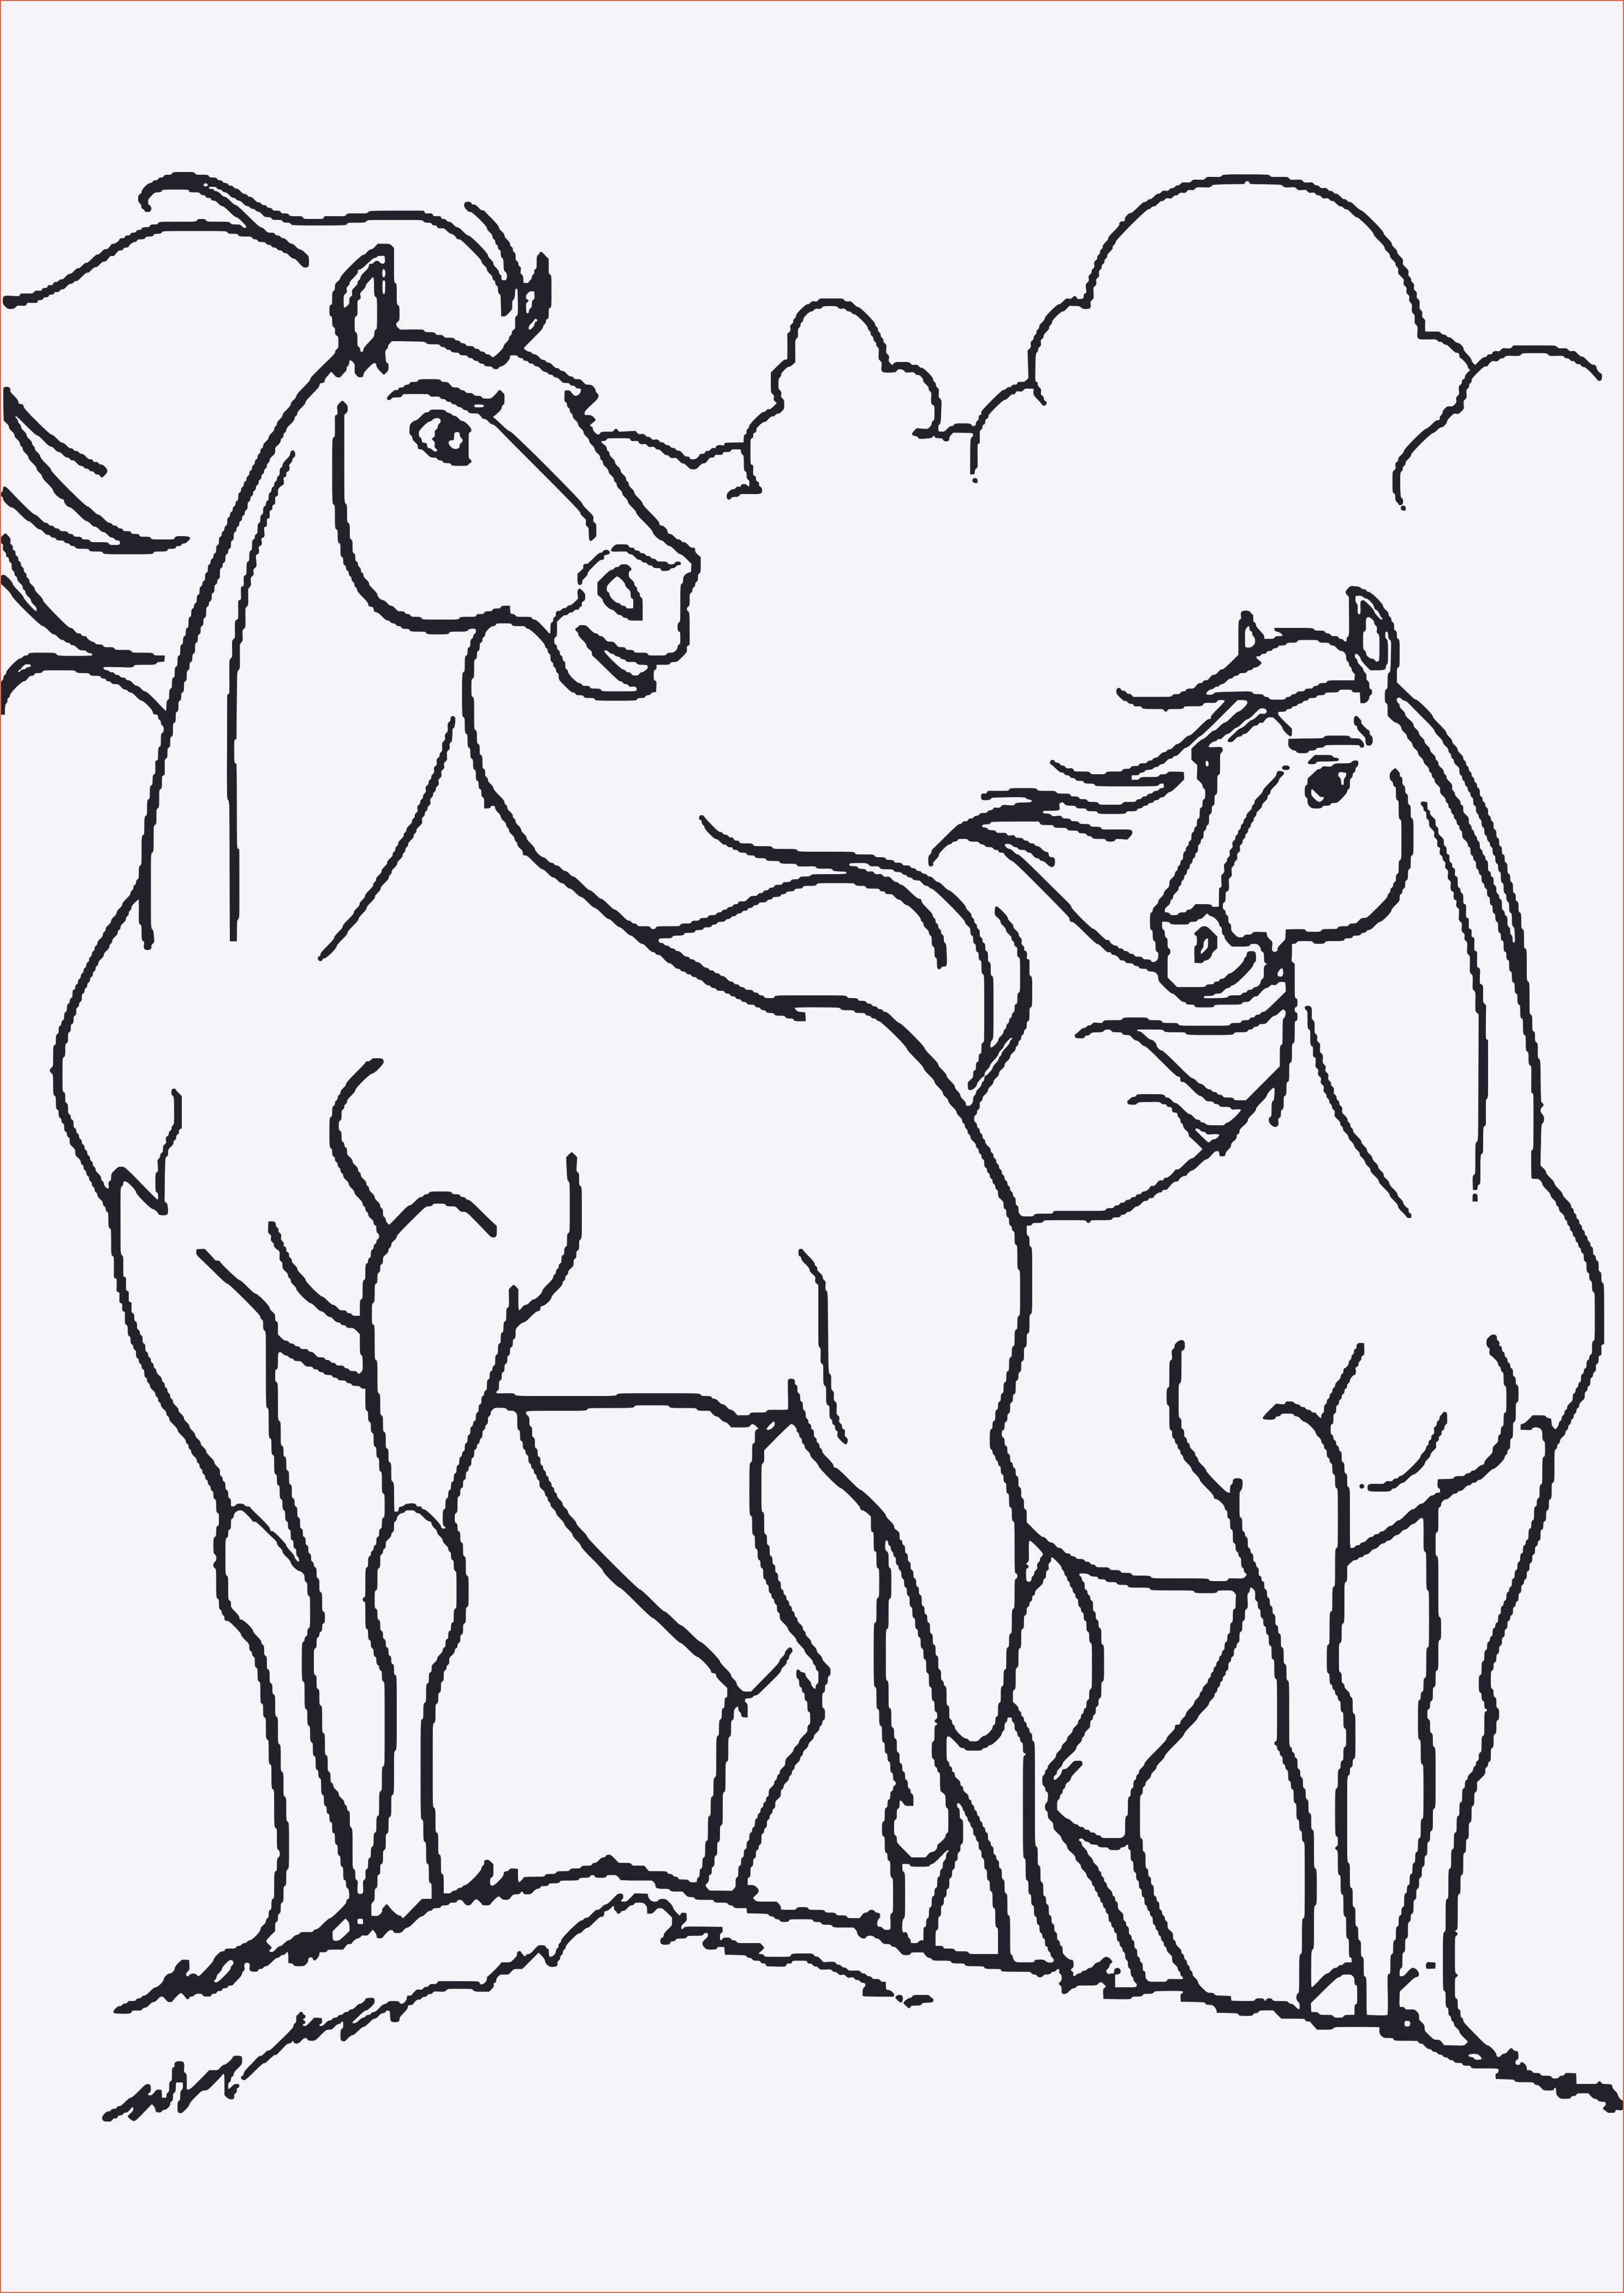 Ausmalbilder Filly Pferd Neu Ausmalbilder Pferde Mit Madchen Neu Ausmalbilder Filly Pferde Stock